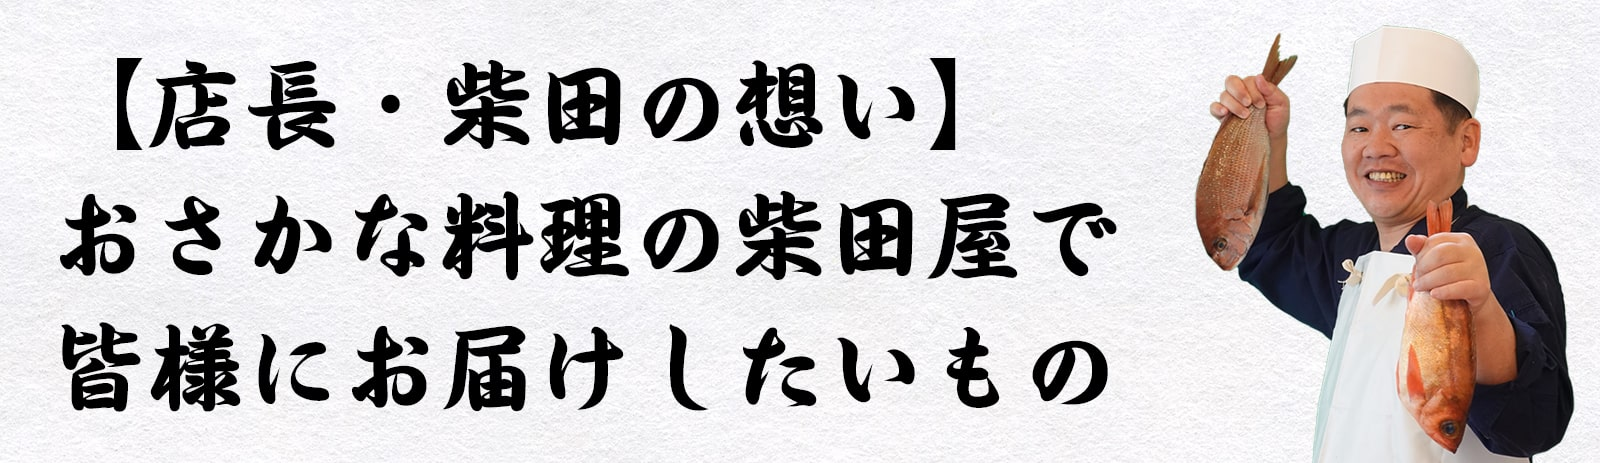 柴田の想い